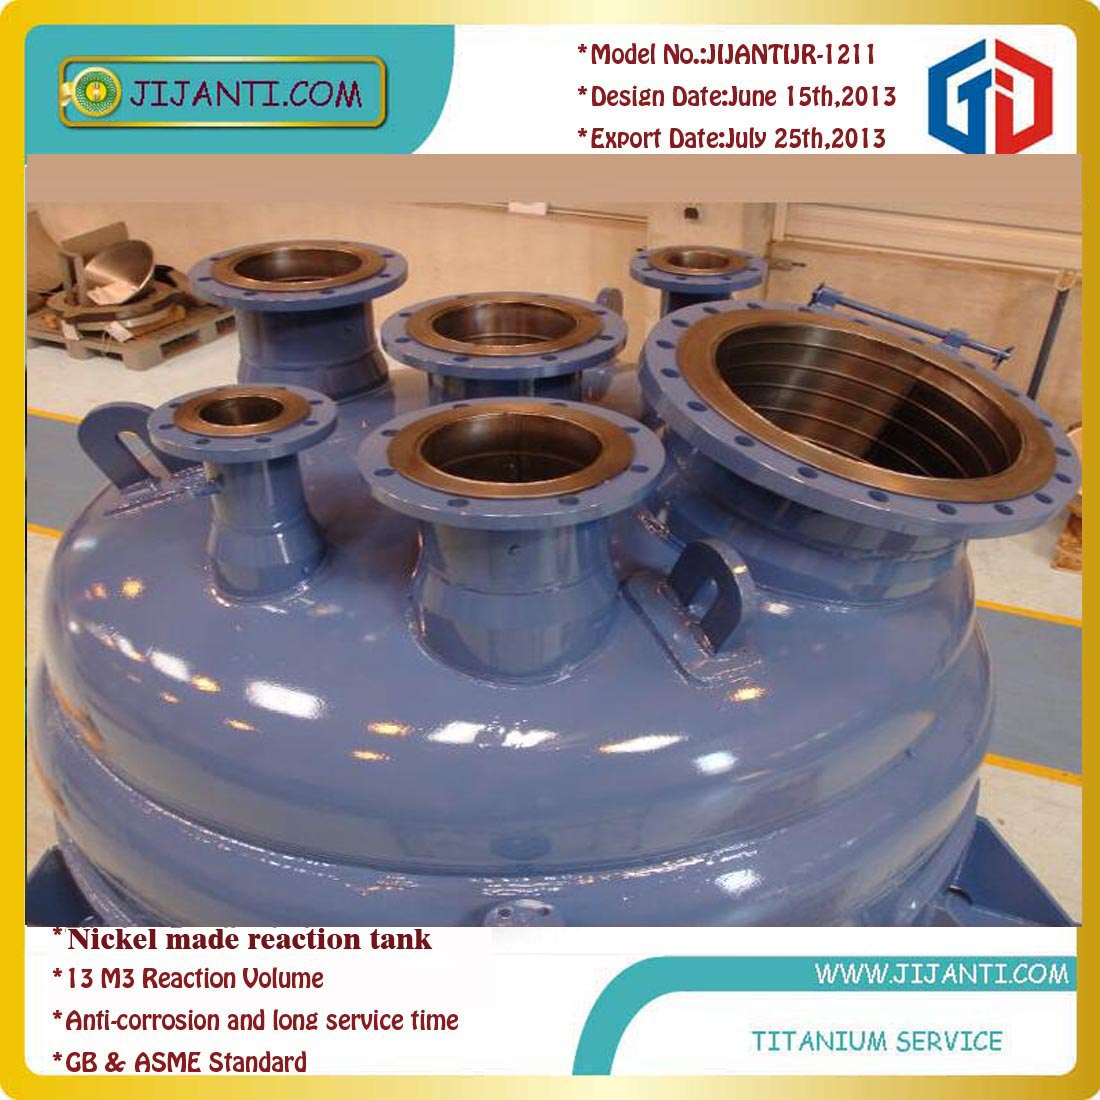 Titanium alloy reactor